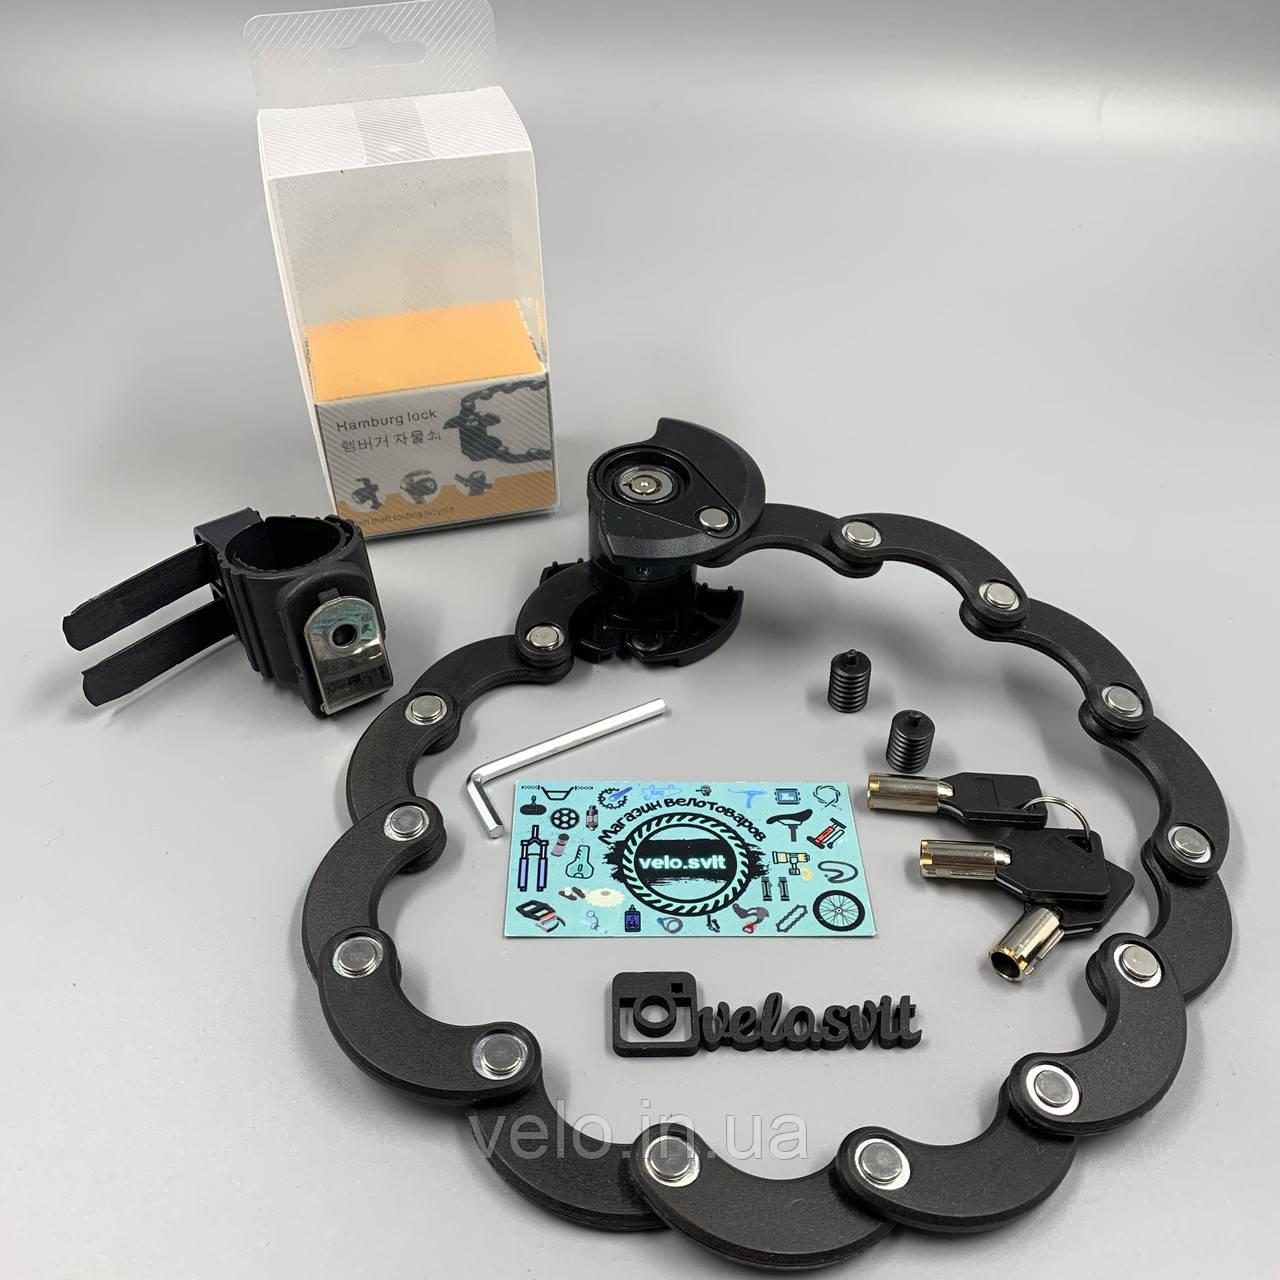 Пластинный складной велозамок  Bikight